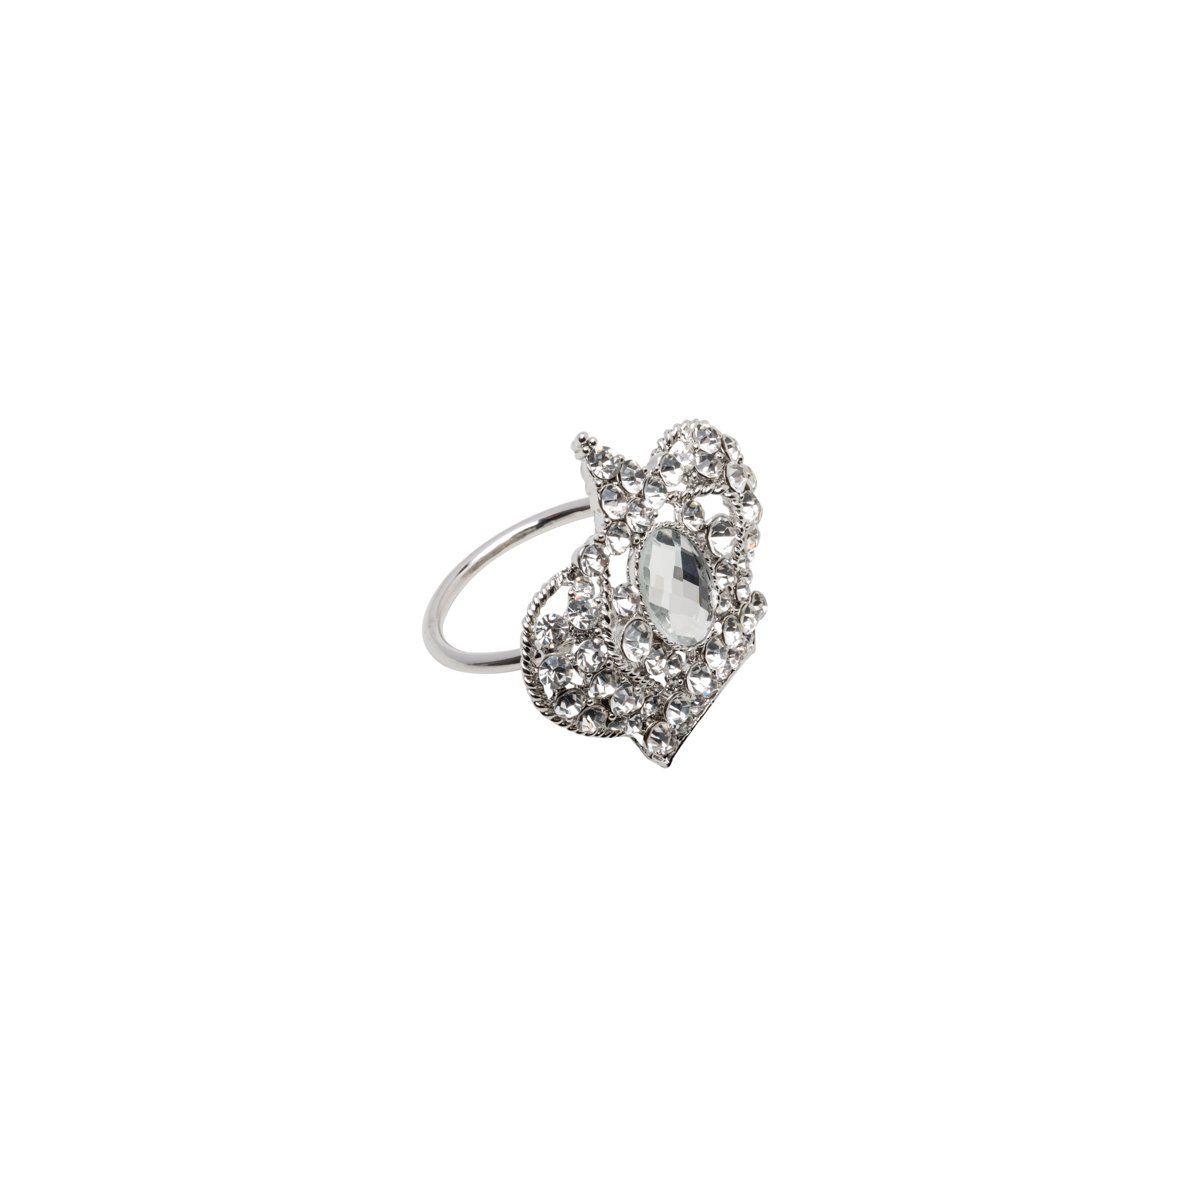 Jogo 4 anéis para guardanapo em zamac prateado Crown Prestige - 26514